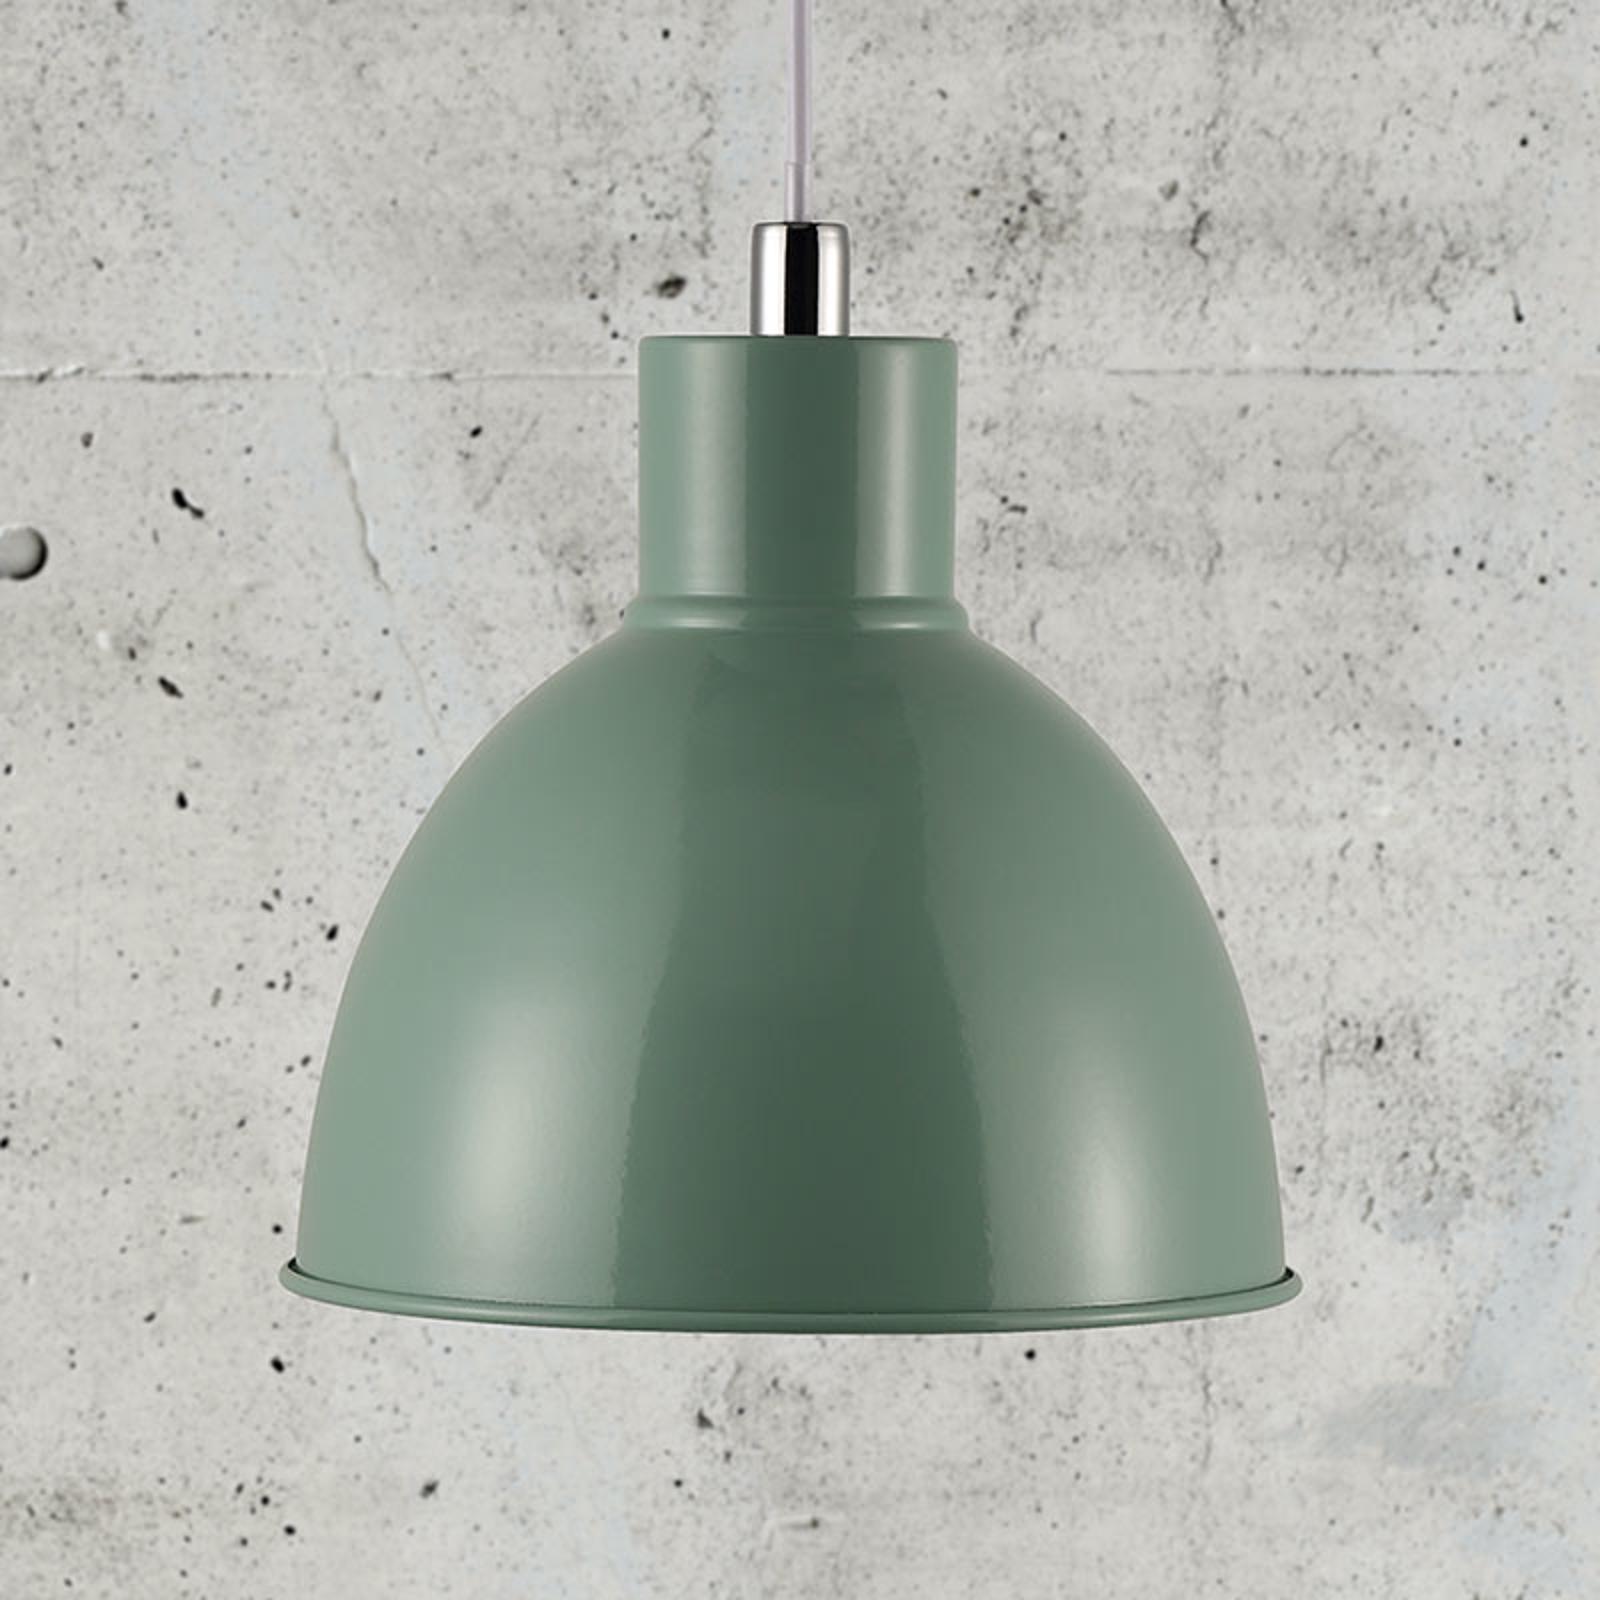 Lampa wisząca Pop z metalowym kloszem, zielona